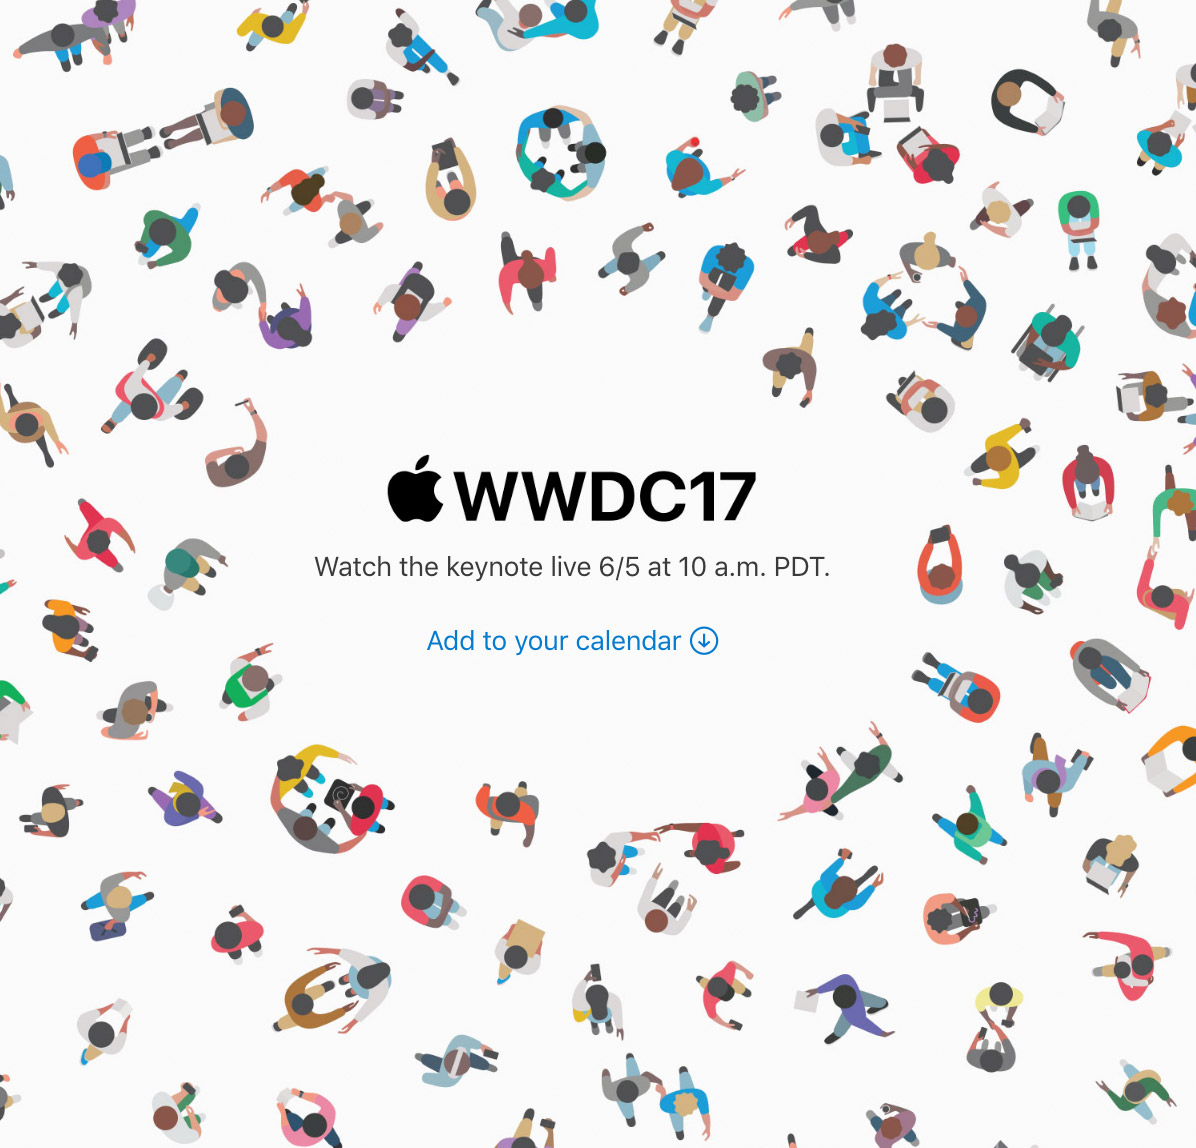 Vídeo de la Keynote de la WWDC 2017 en directo